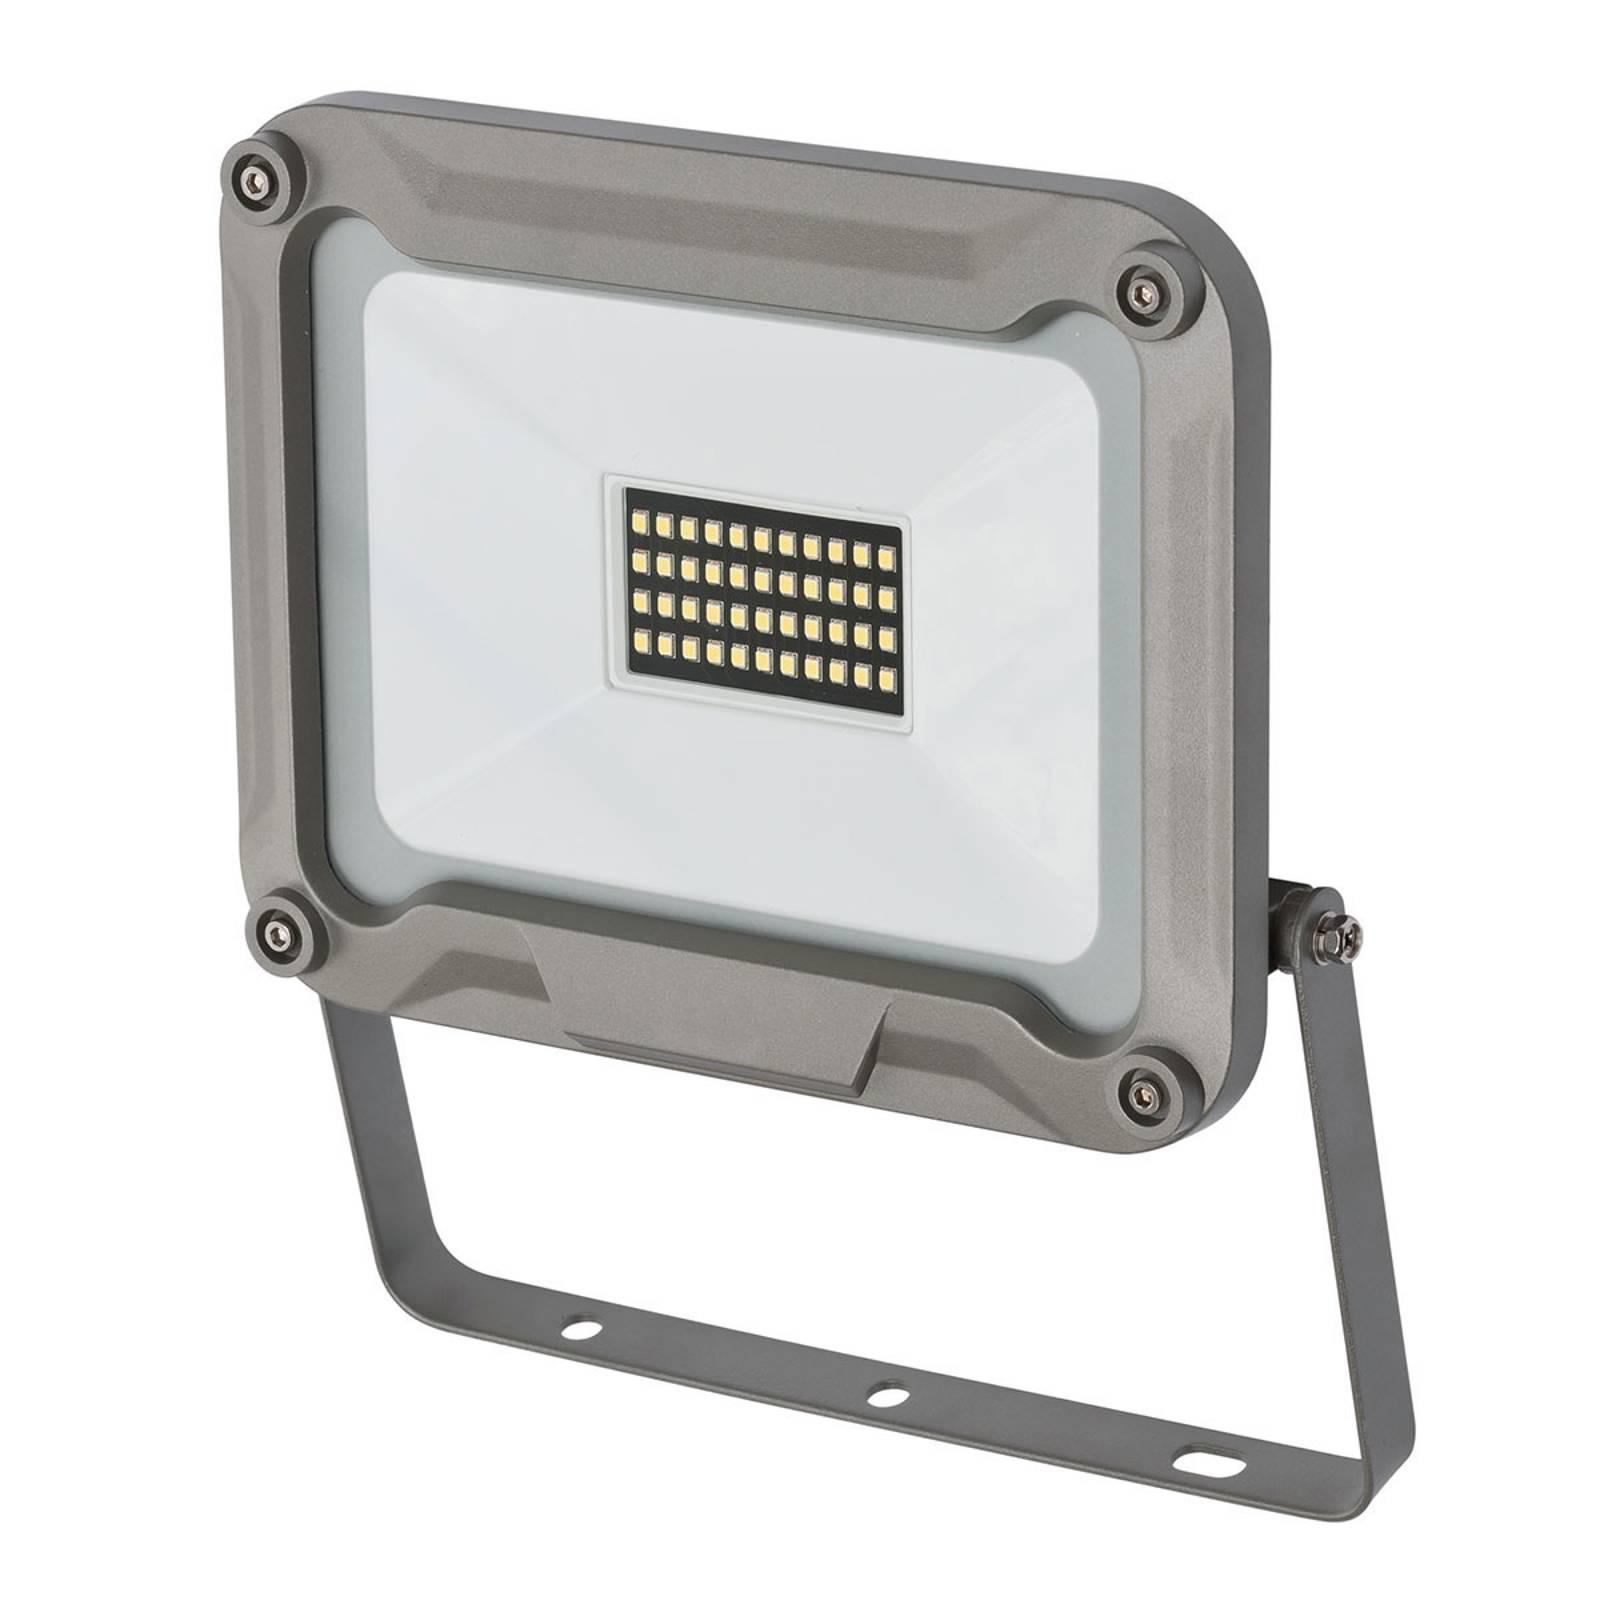 LED-ulkokohdevalaisin Jaro asennukseen IP65 30W